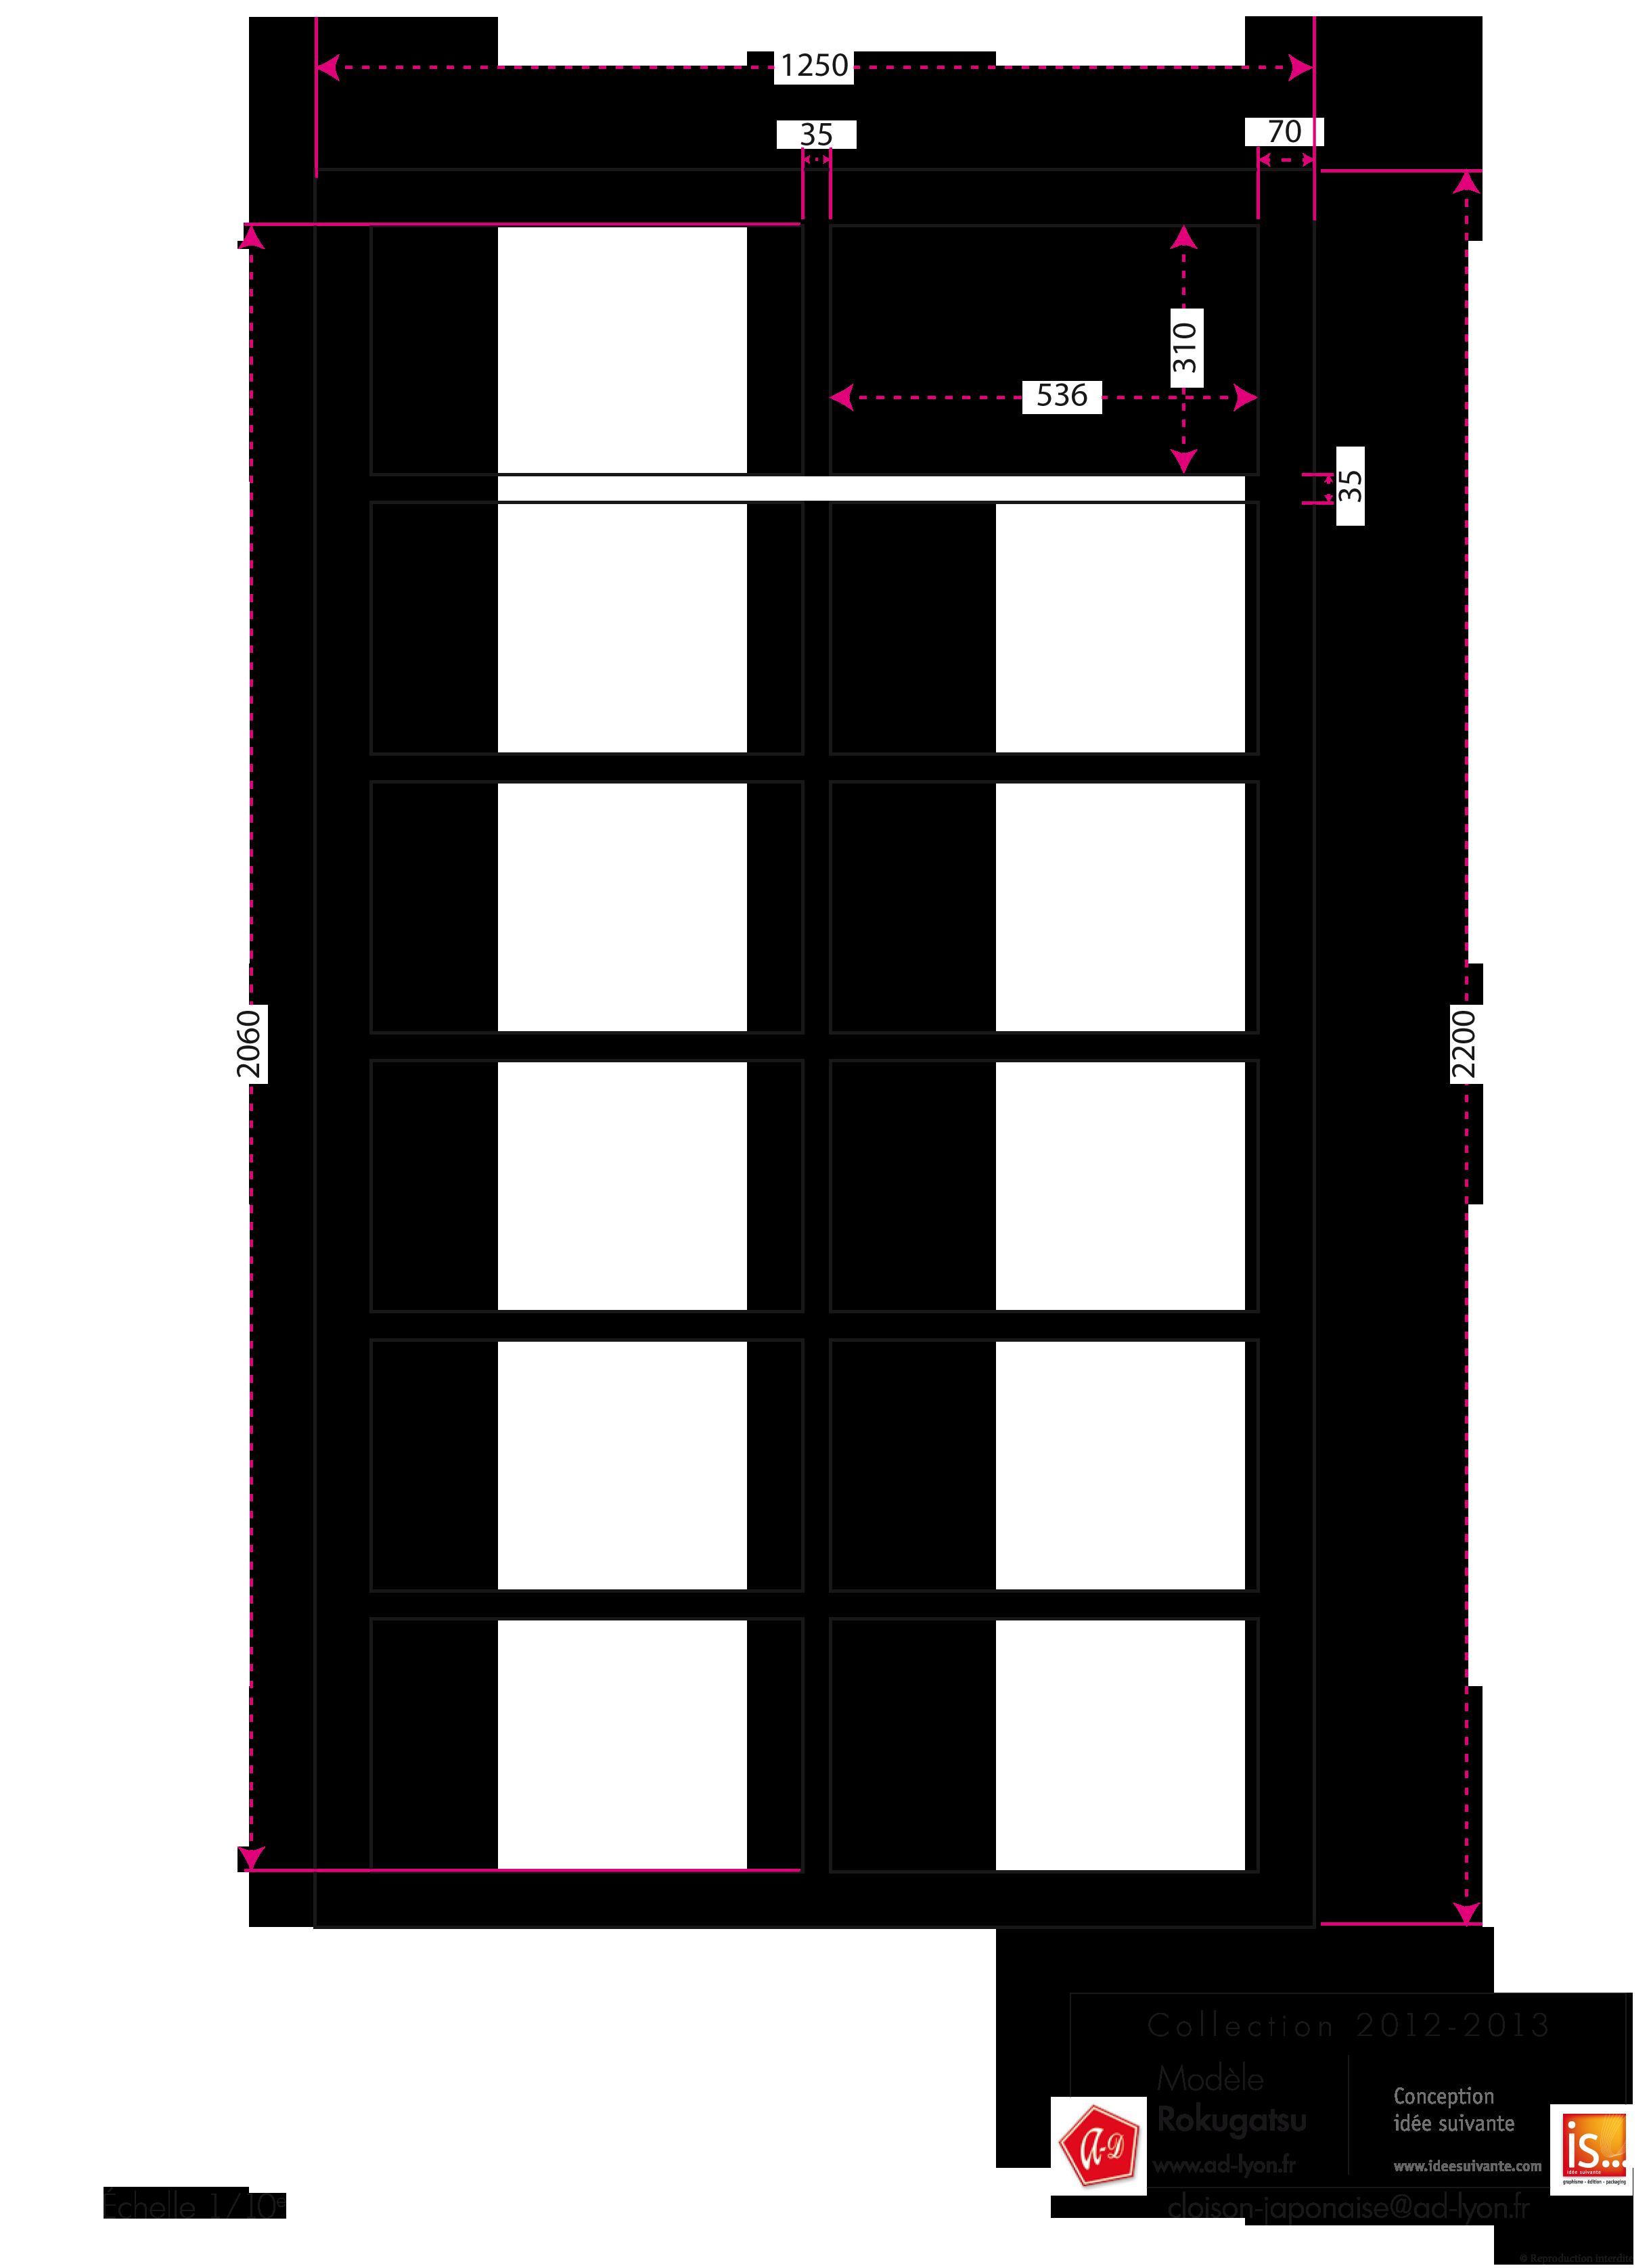 Achat d 39 une cloison japonaise lyon 7e valider le 02 octobre 2012 - Prix cloison japonaise ...